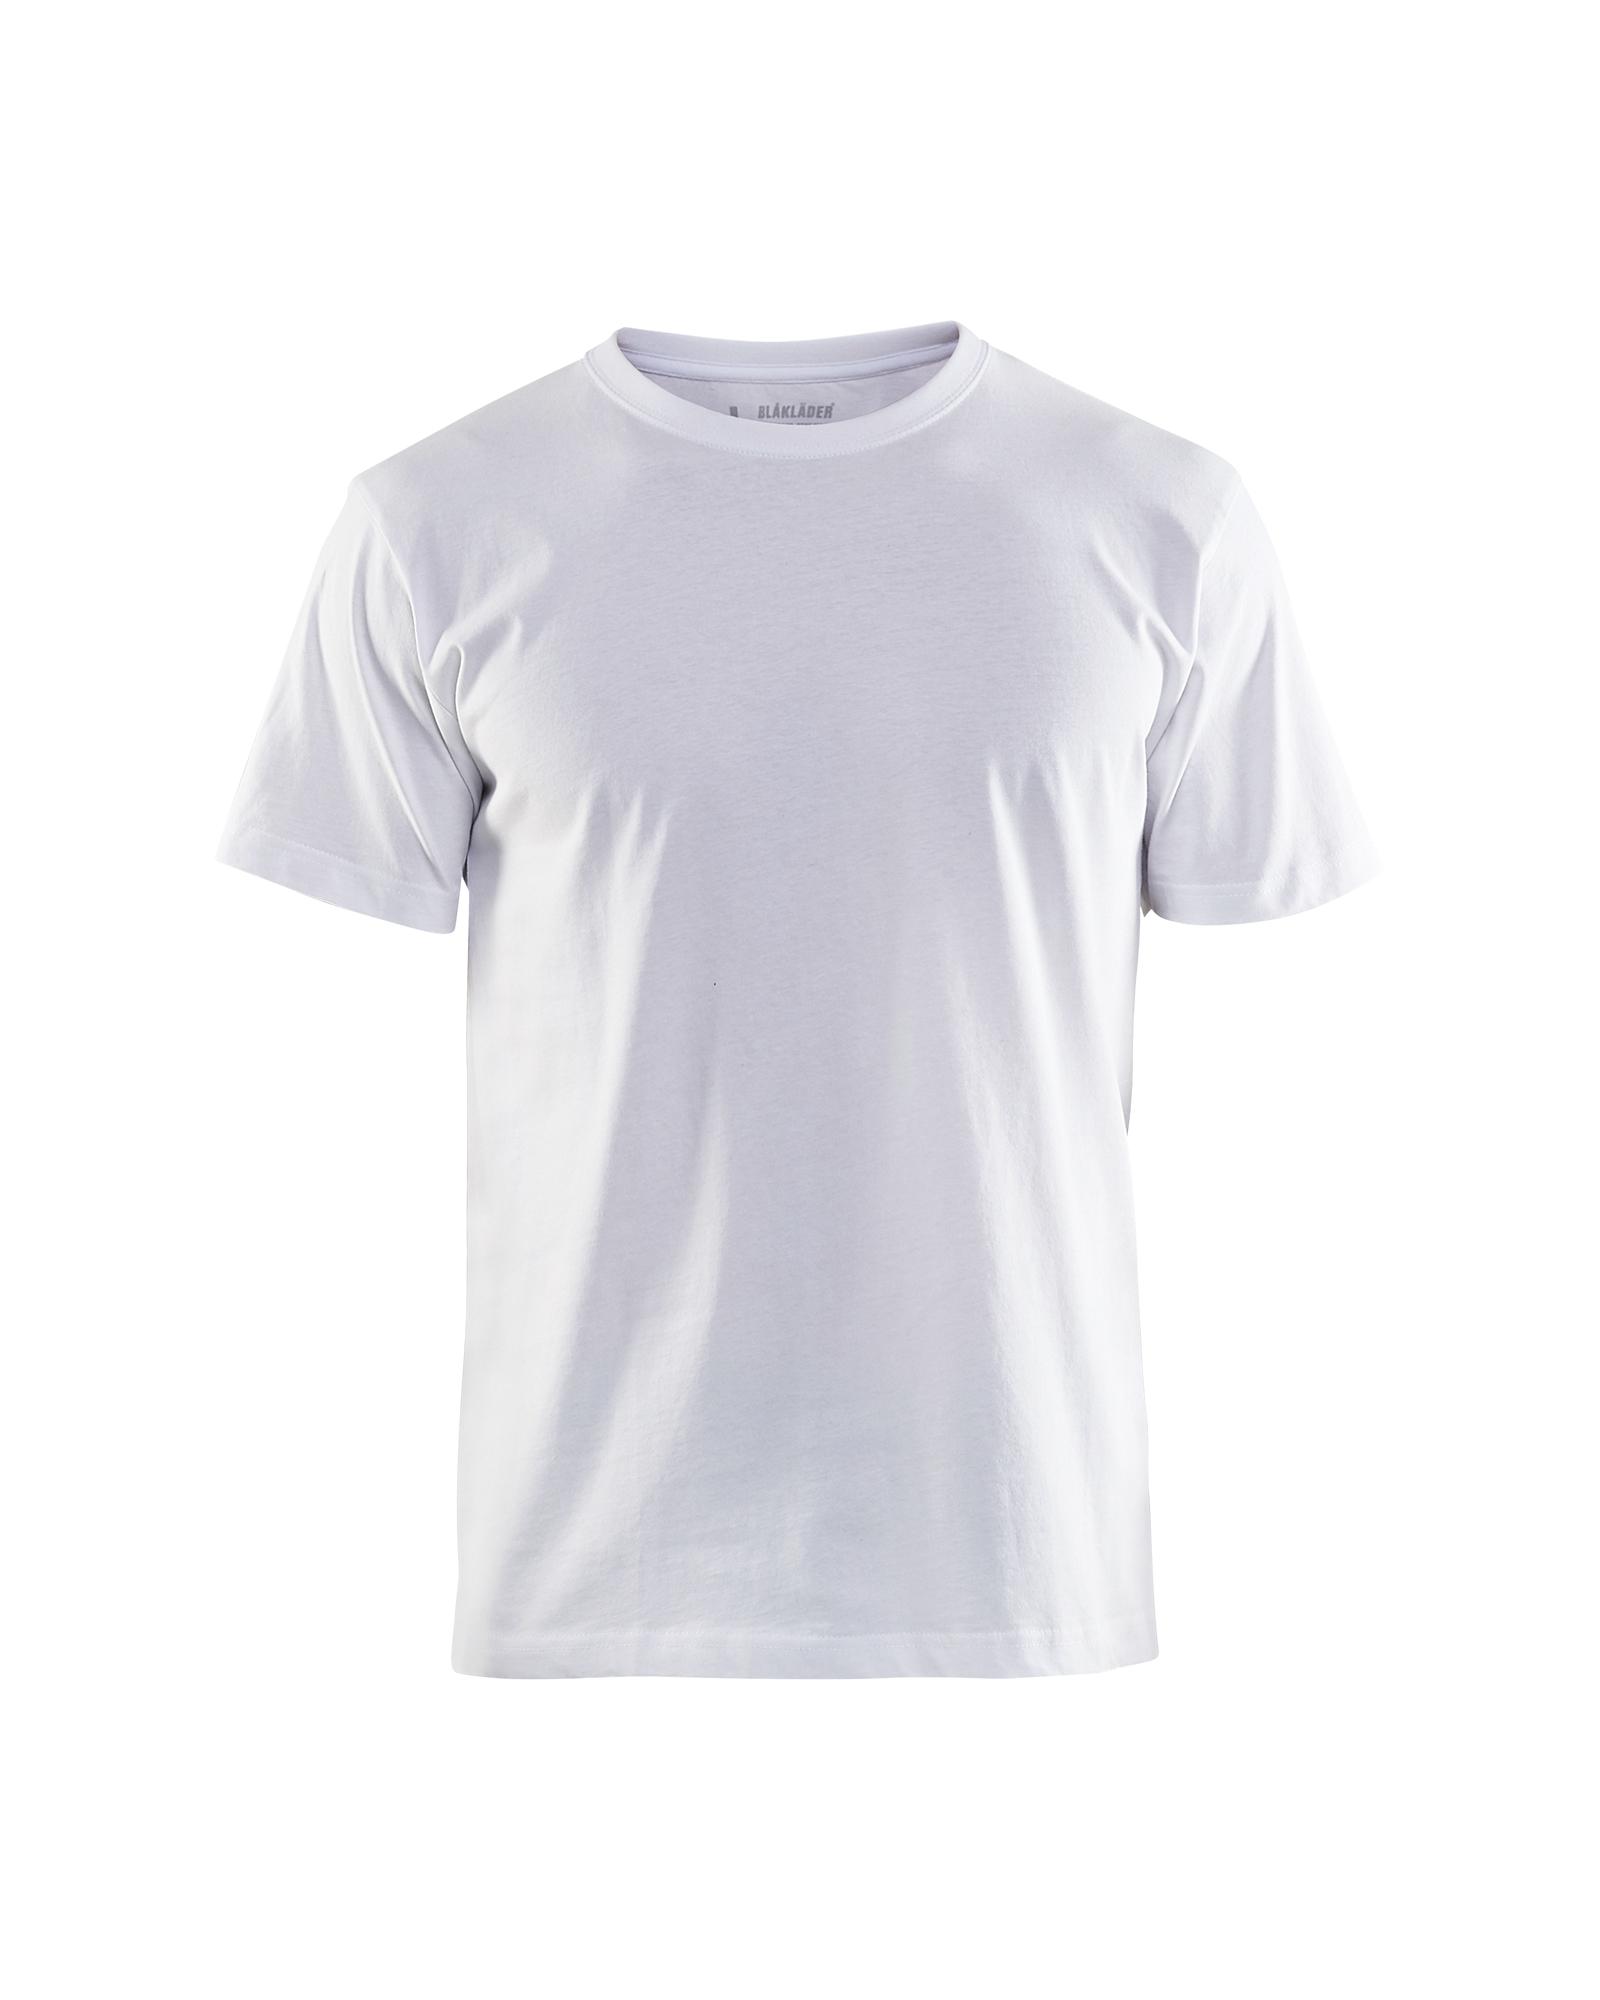 hvite t-skjorter 10 pkn